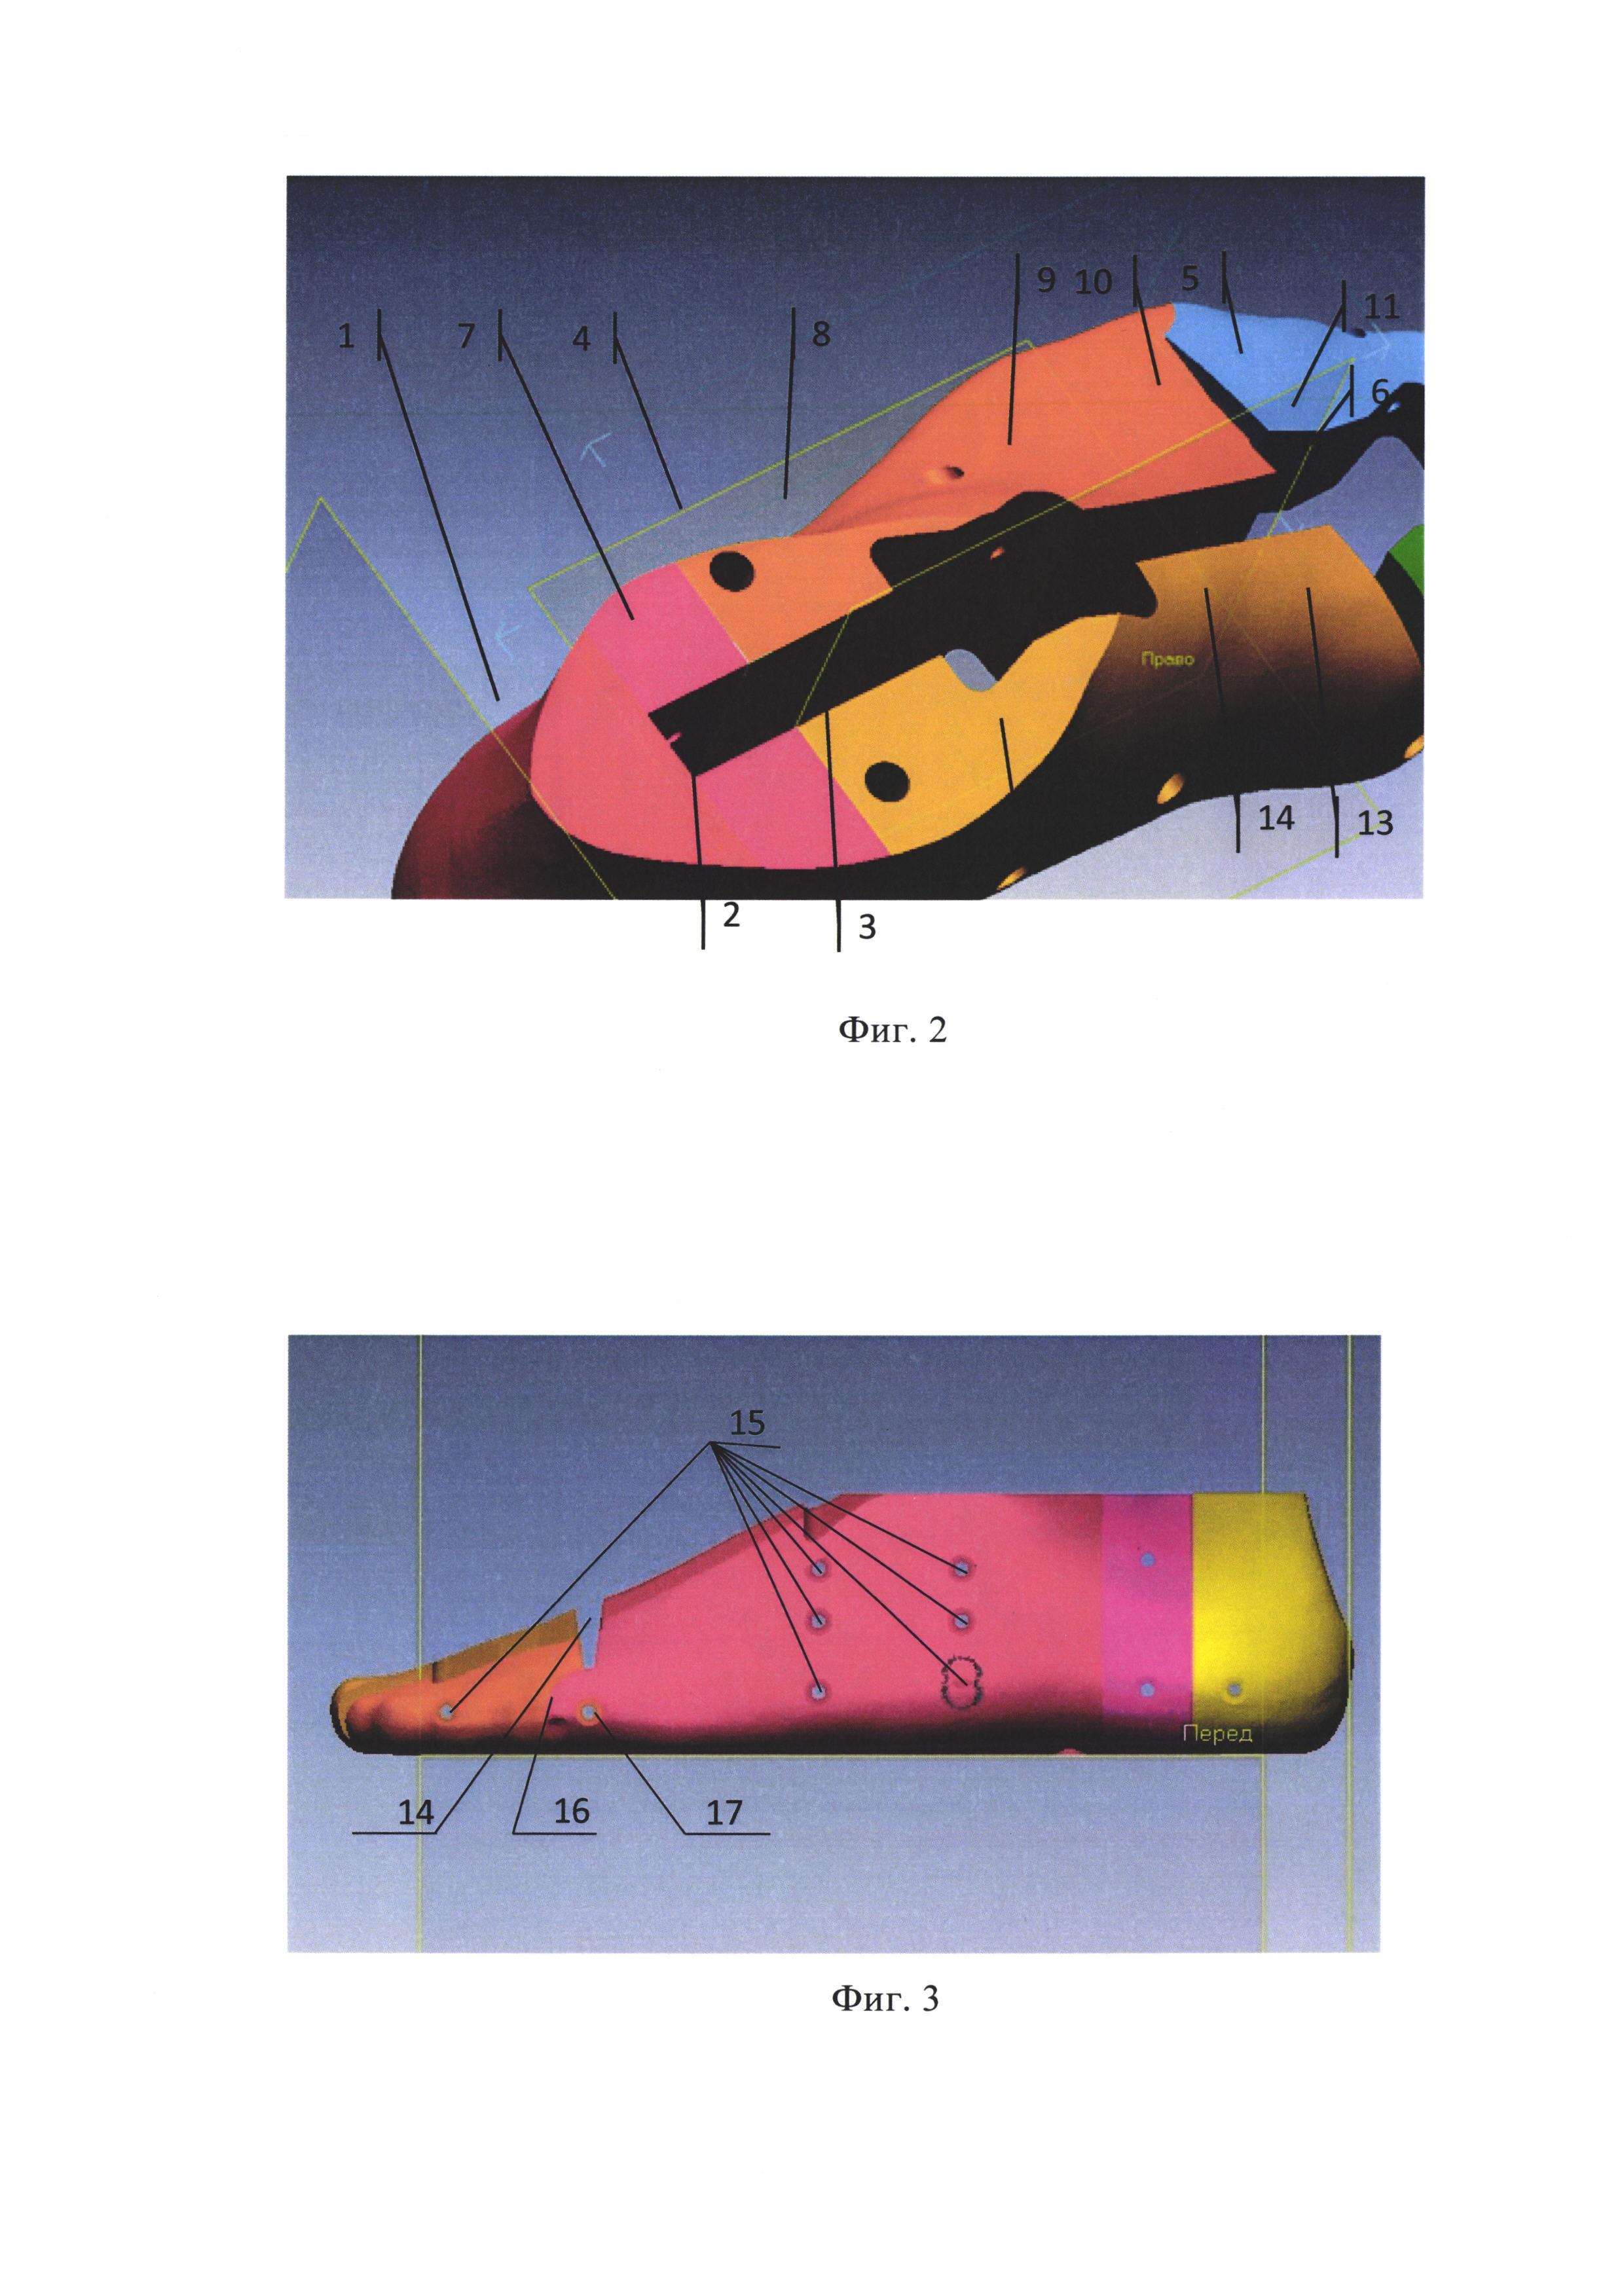 Способ производства индивидуальной колодки для персональной подгонки и формования внутренней поверхности обуви